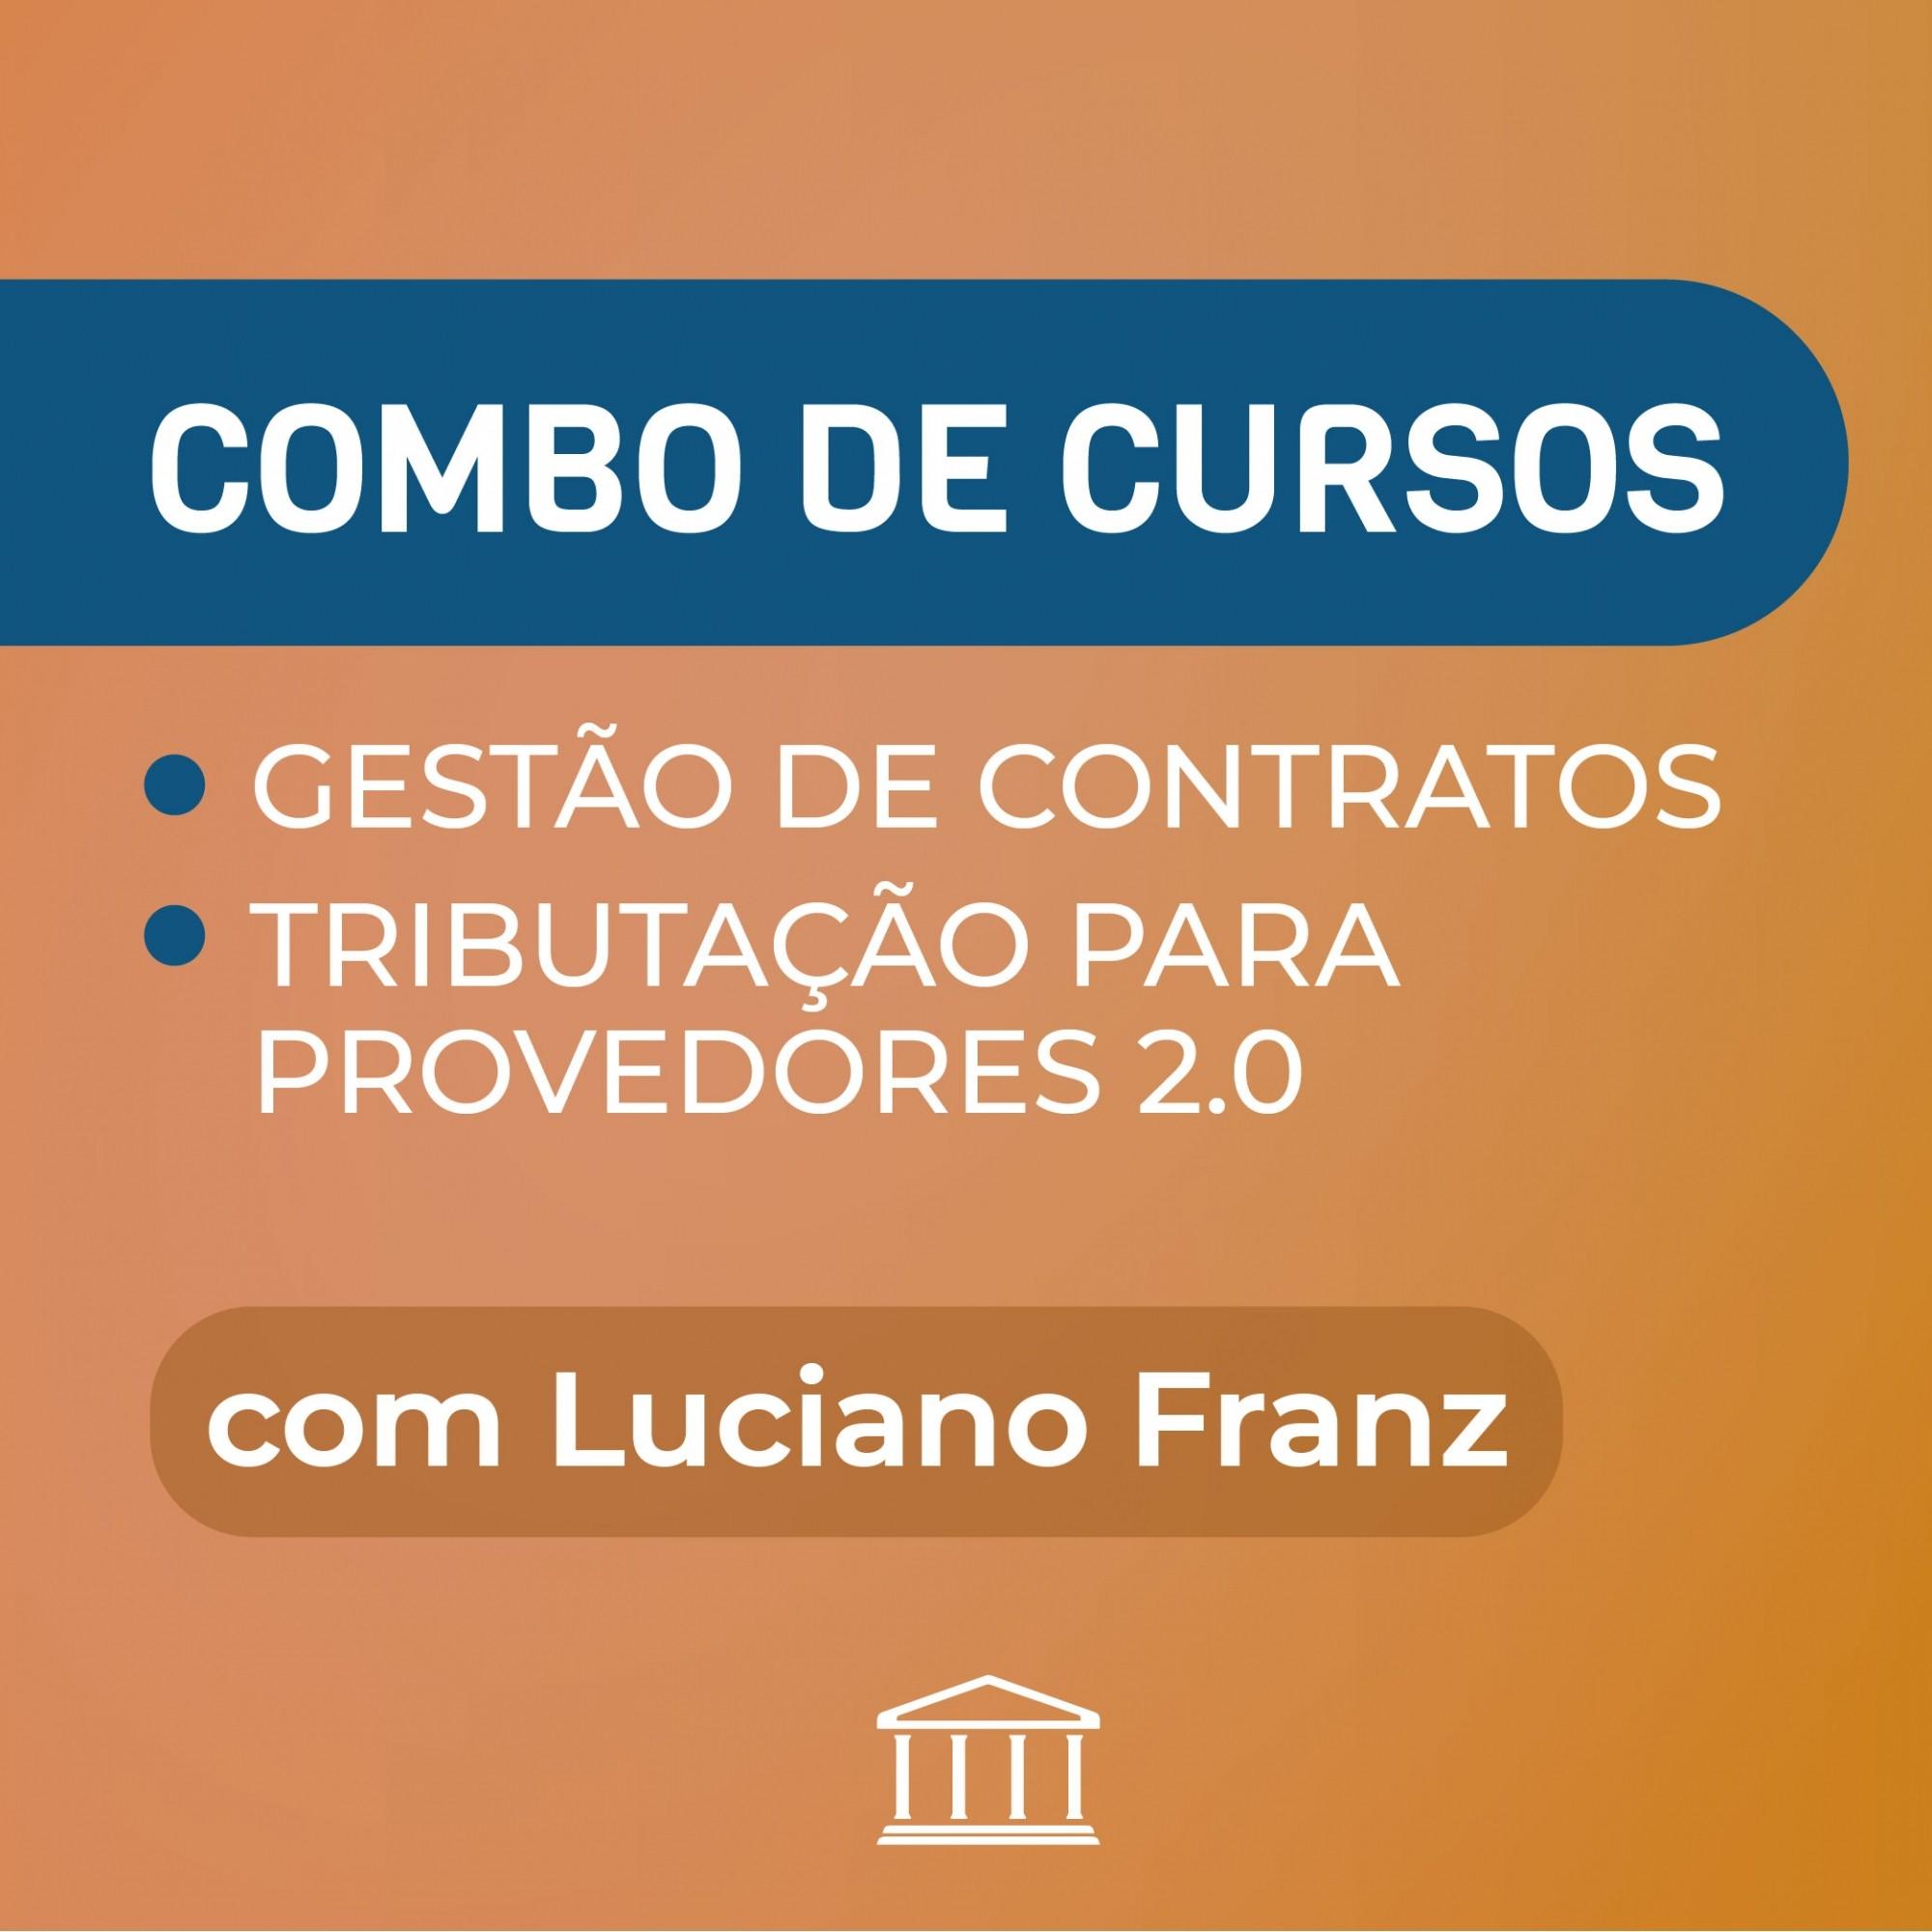 KIT TRIBUTAÇÃO 2.0 + GESTÃO DE CONTRATOS  COM LUCIANO FRANZ - R$ 1.000,00 de DESCONTO  - Voz e Dados Academy